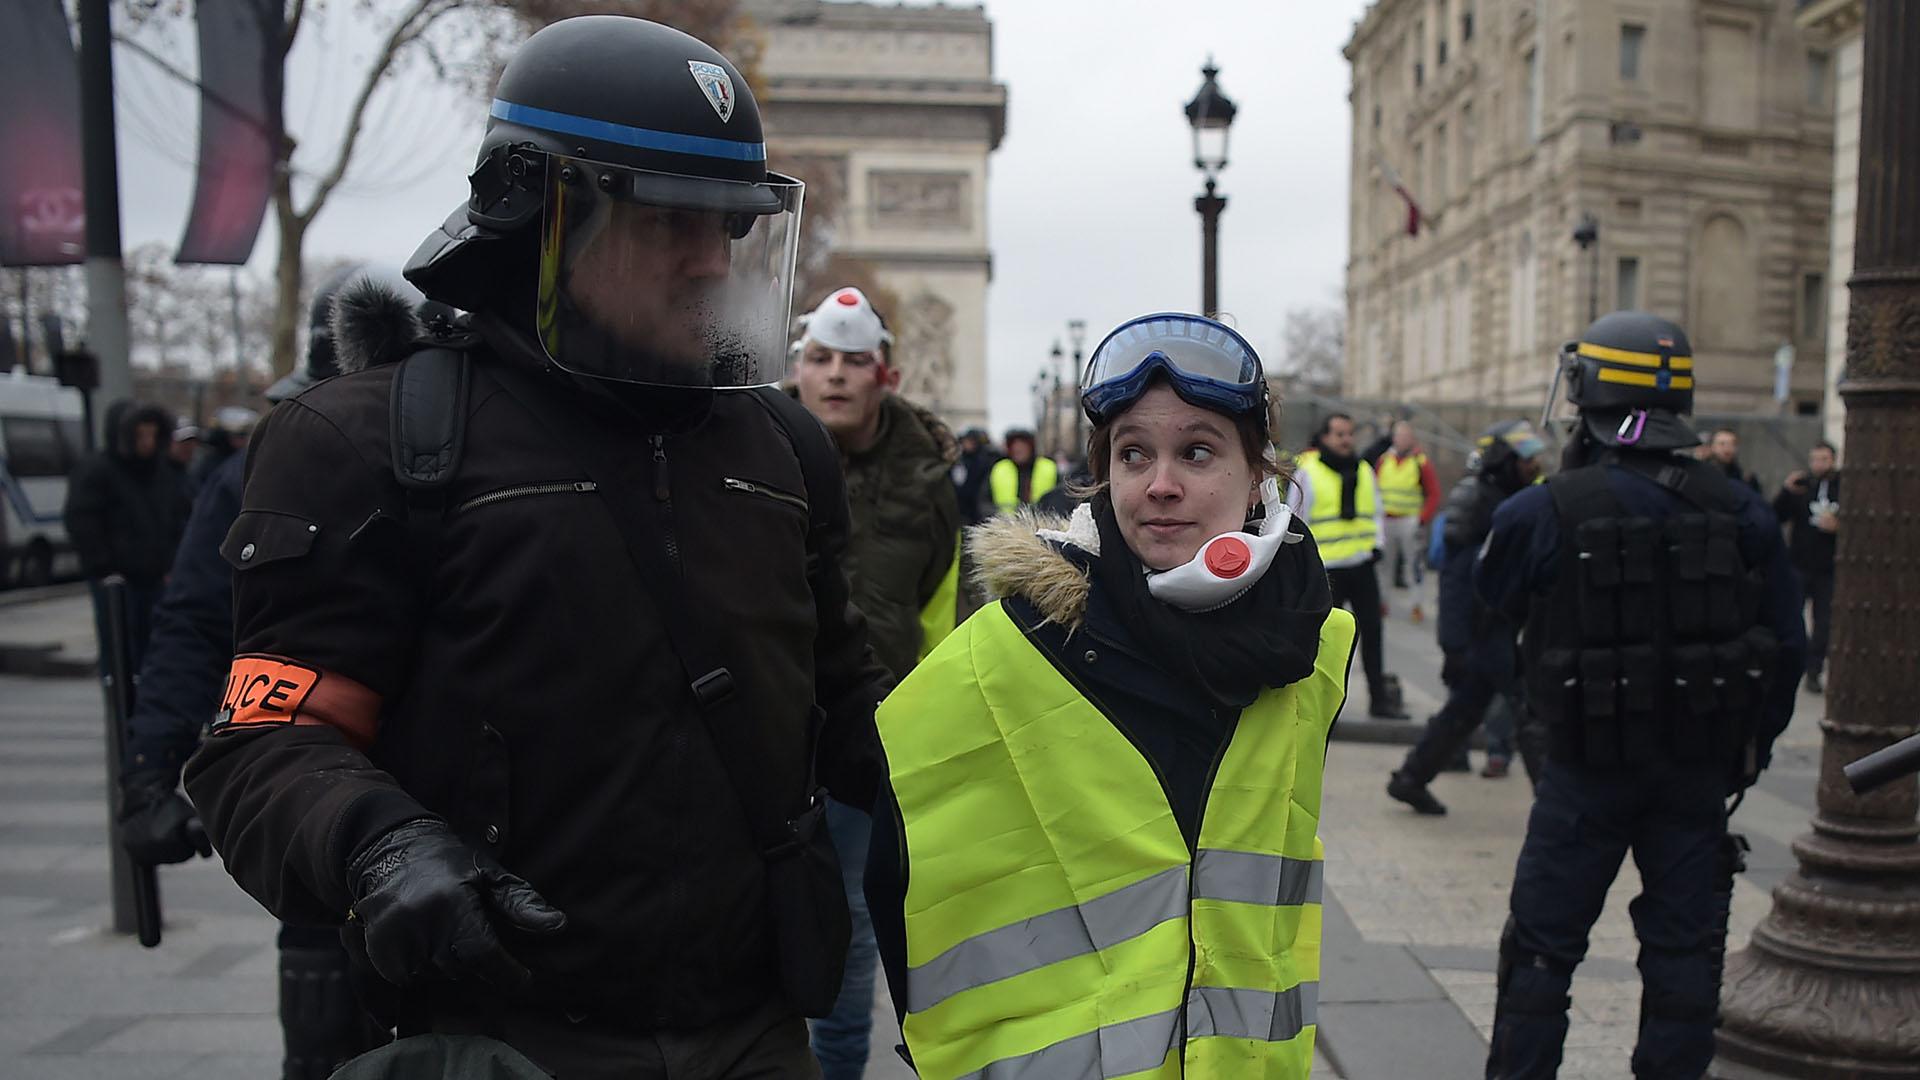 Un policía se lleva detenida a una manifestante (Lucas BARIOULET / AFP)